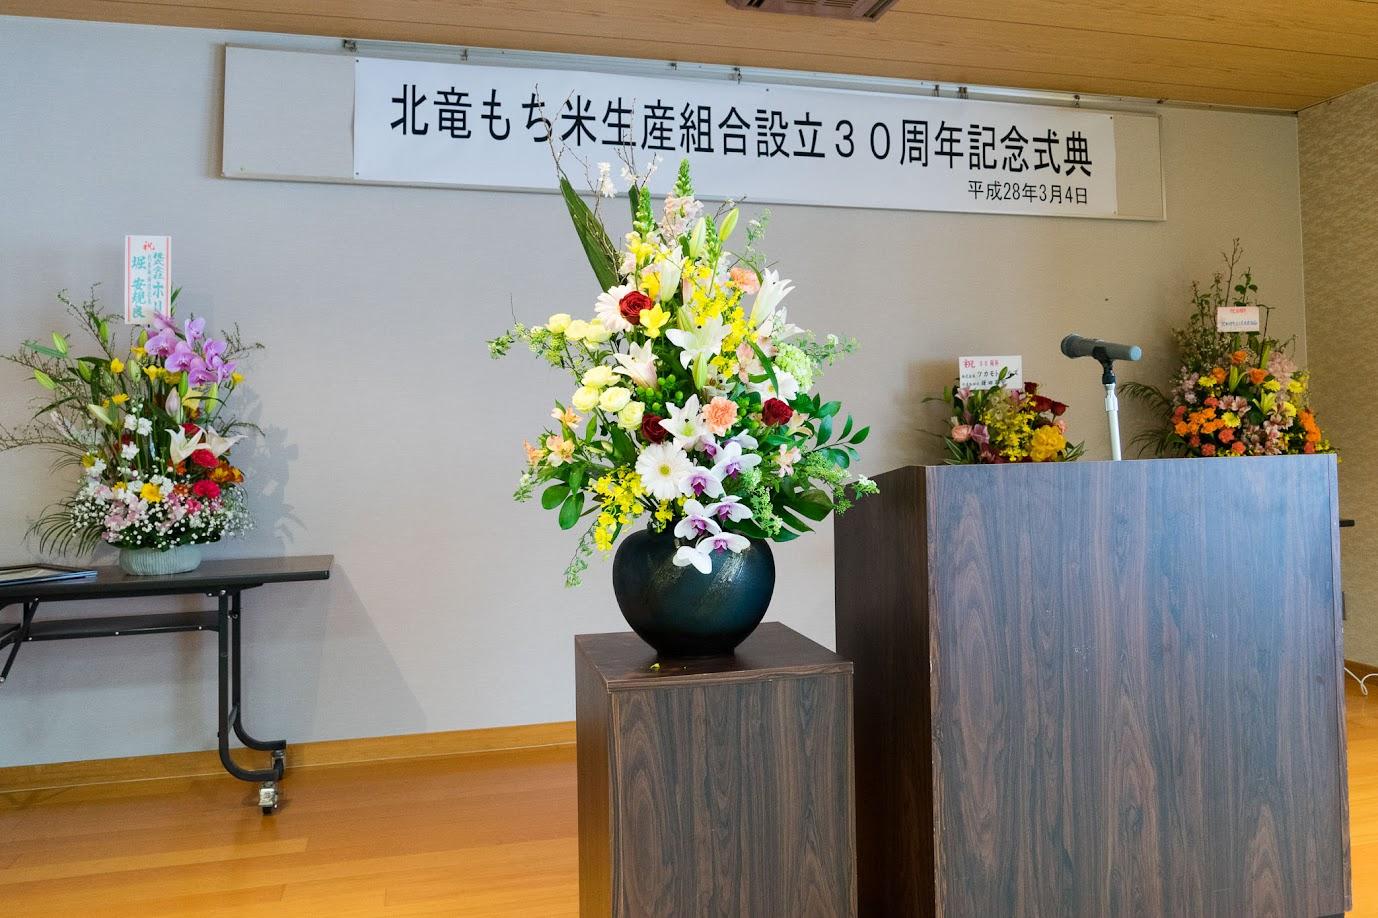 北竜町もち米生産組合設立30周年記念式典